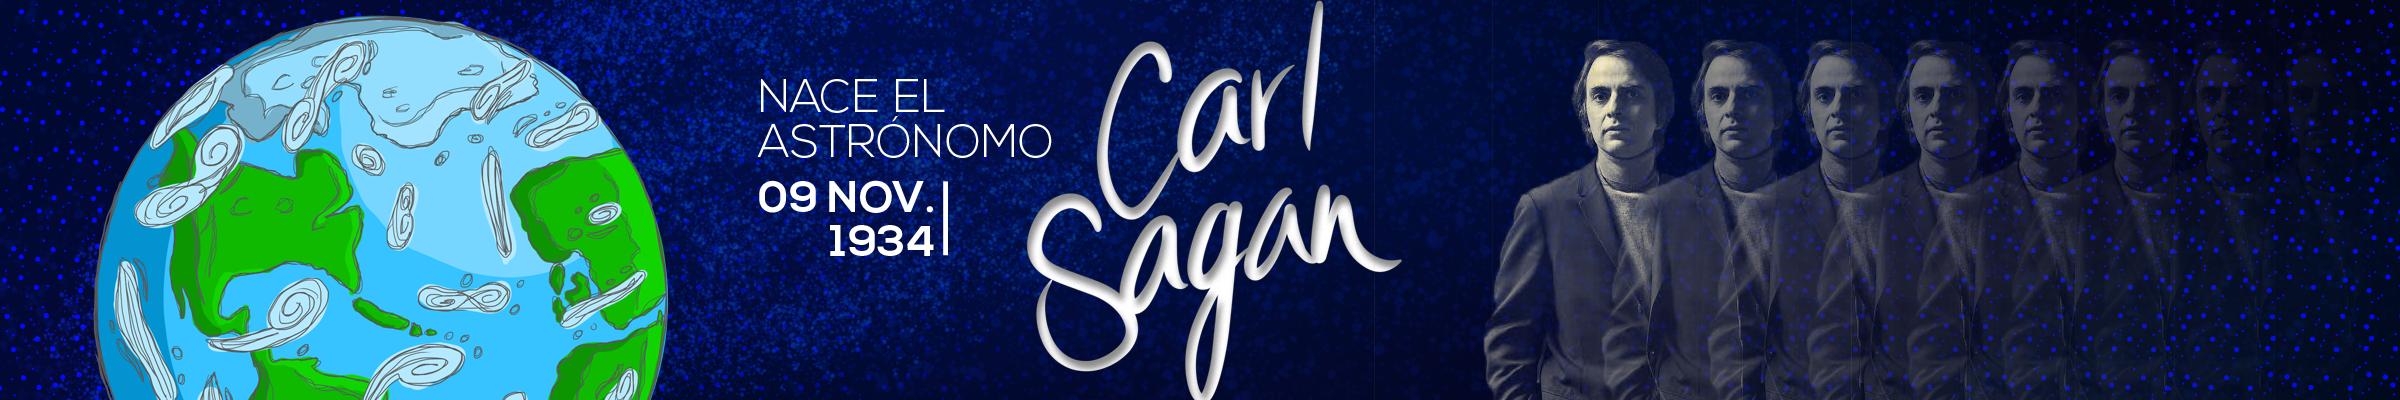 9 de noviembre de 1934 - Nace el astrónomo Carl Sagan